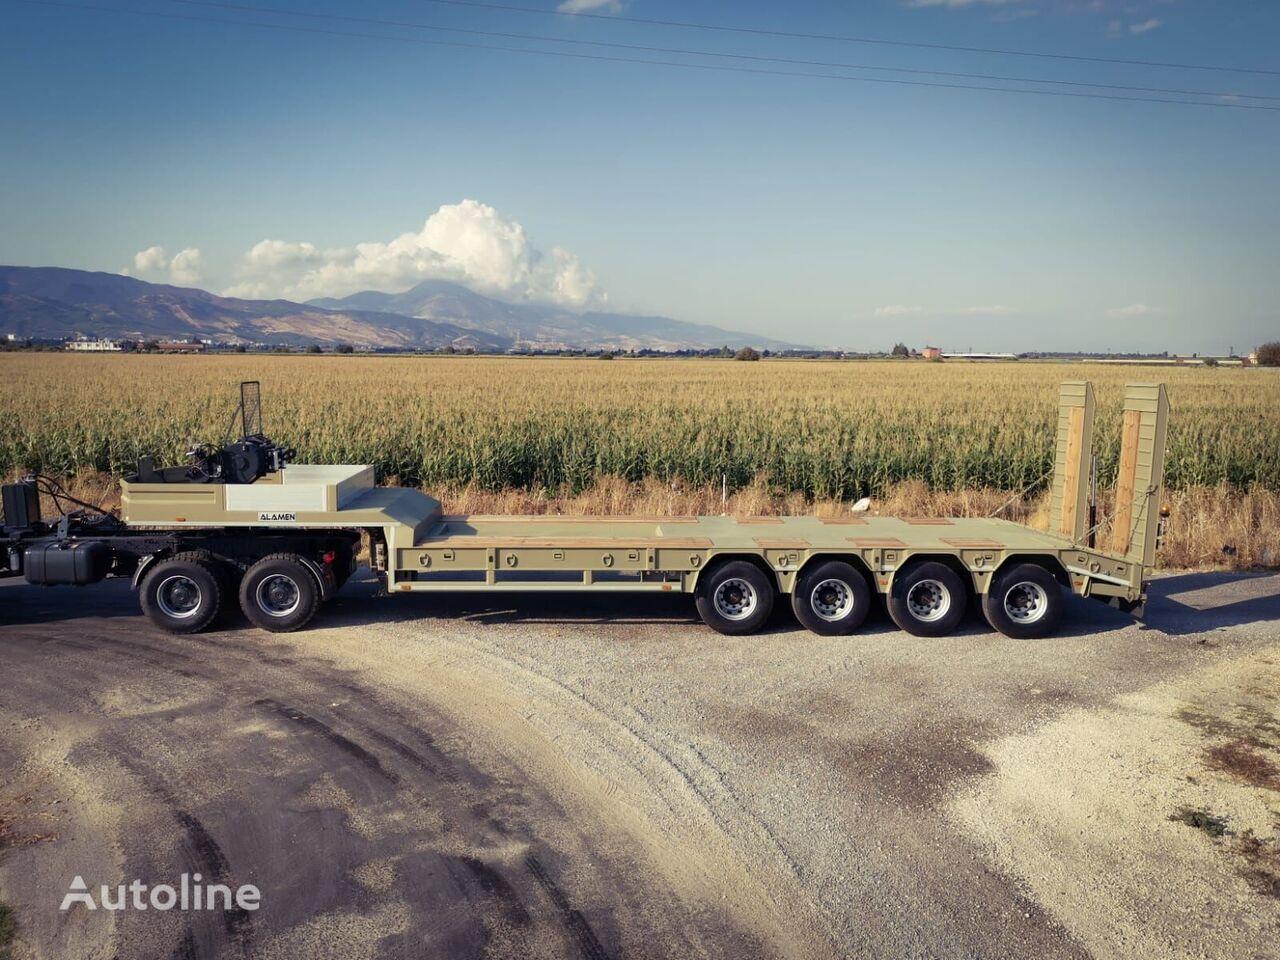 ALAMEN HEAVY TONNAGE 4+5+6+7 AXLE low bed semi-trailer